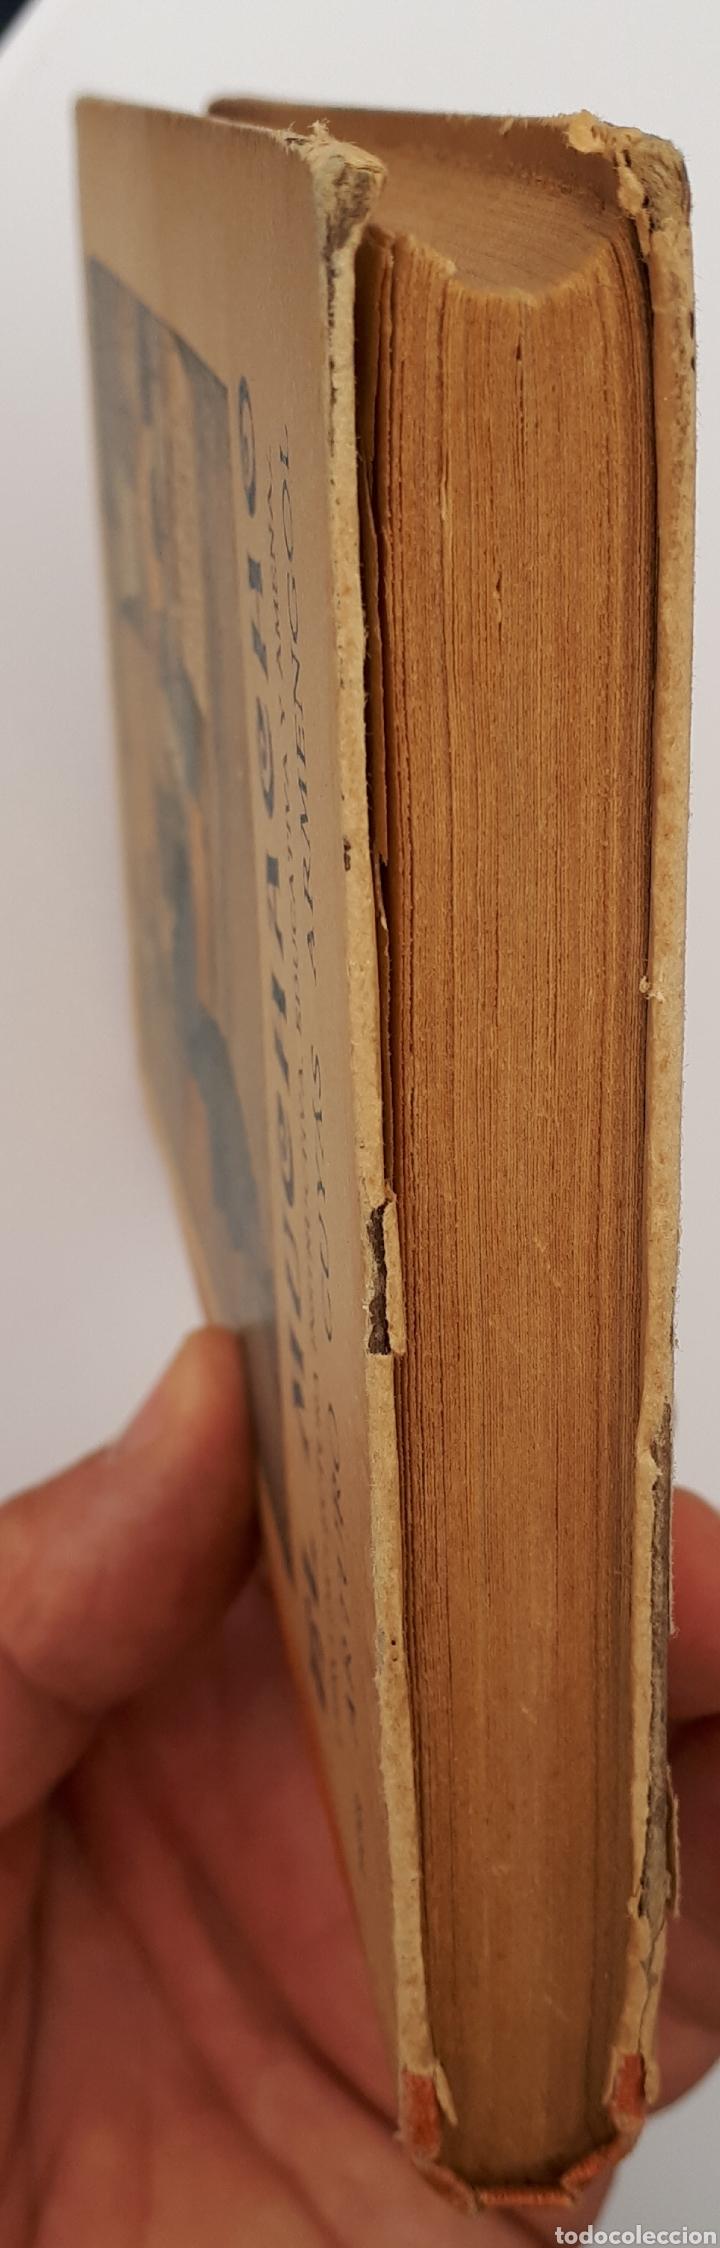 Libros antiguos: EL MUCHACHO. Libro de lectura instructiva,Educativa y amena. Arturo Cuyás Armengol. 1918 - Foto 6 - 154374166